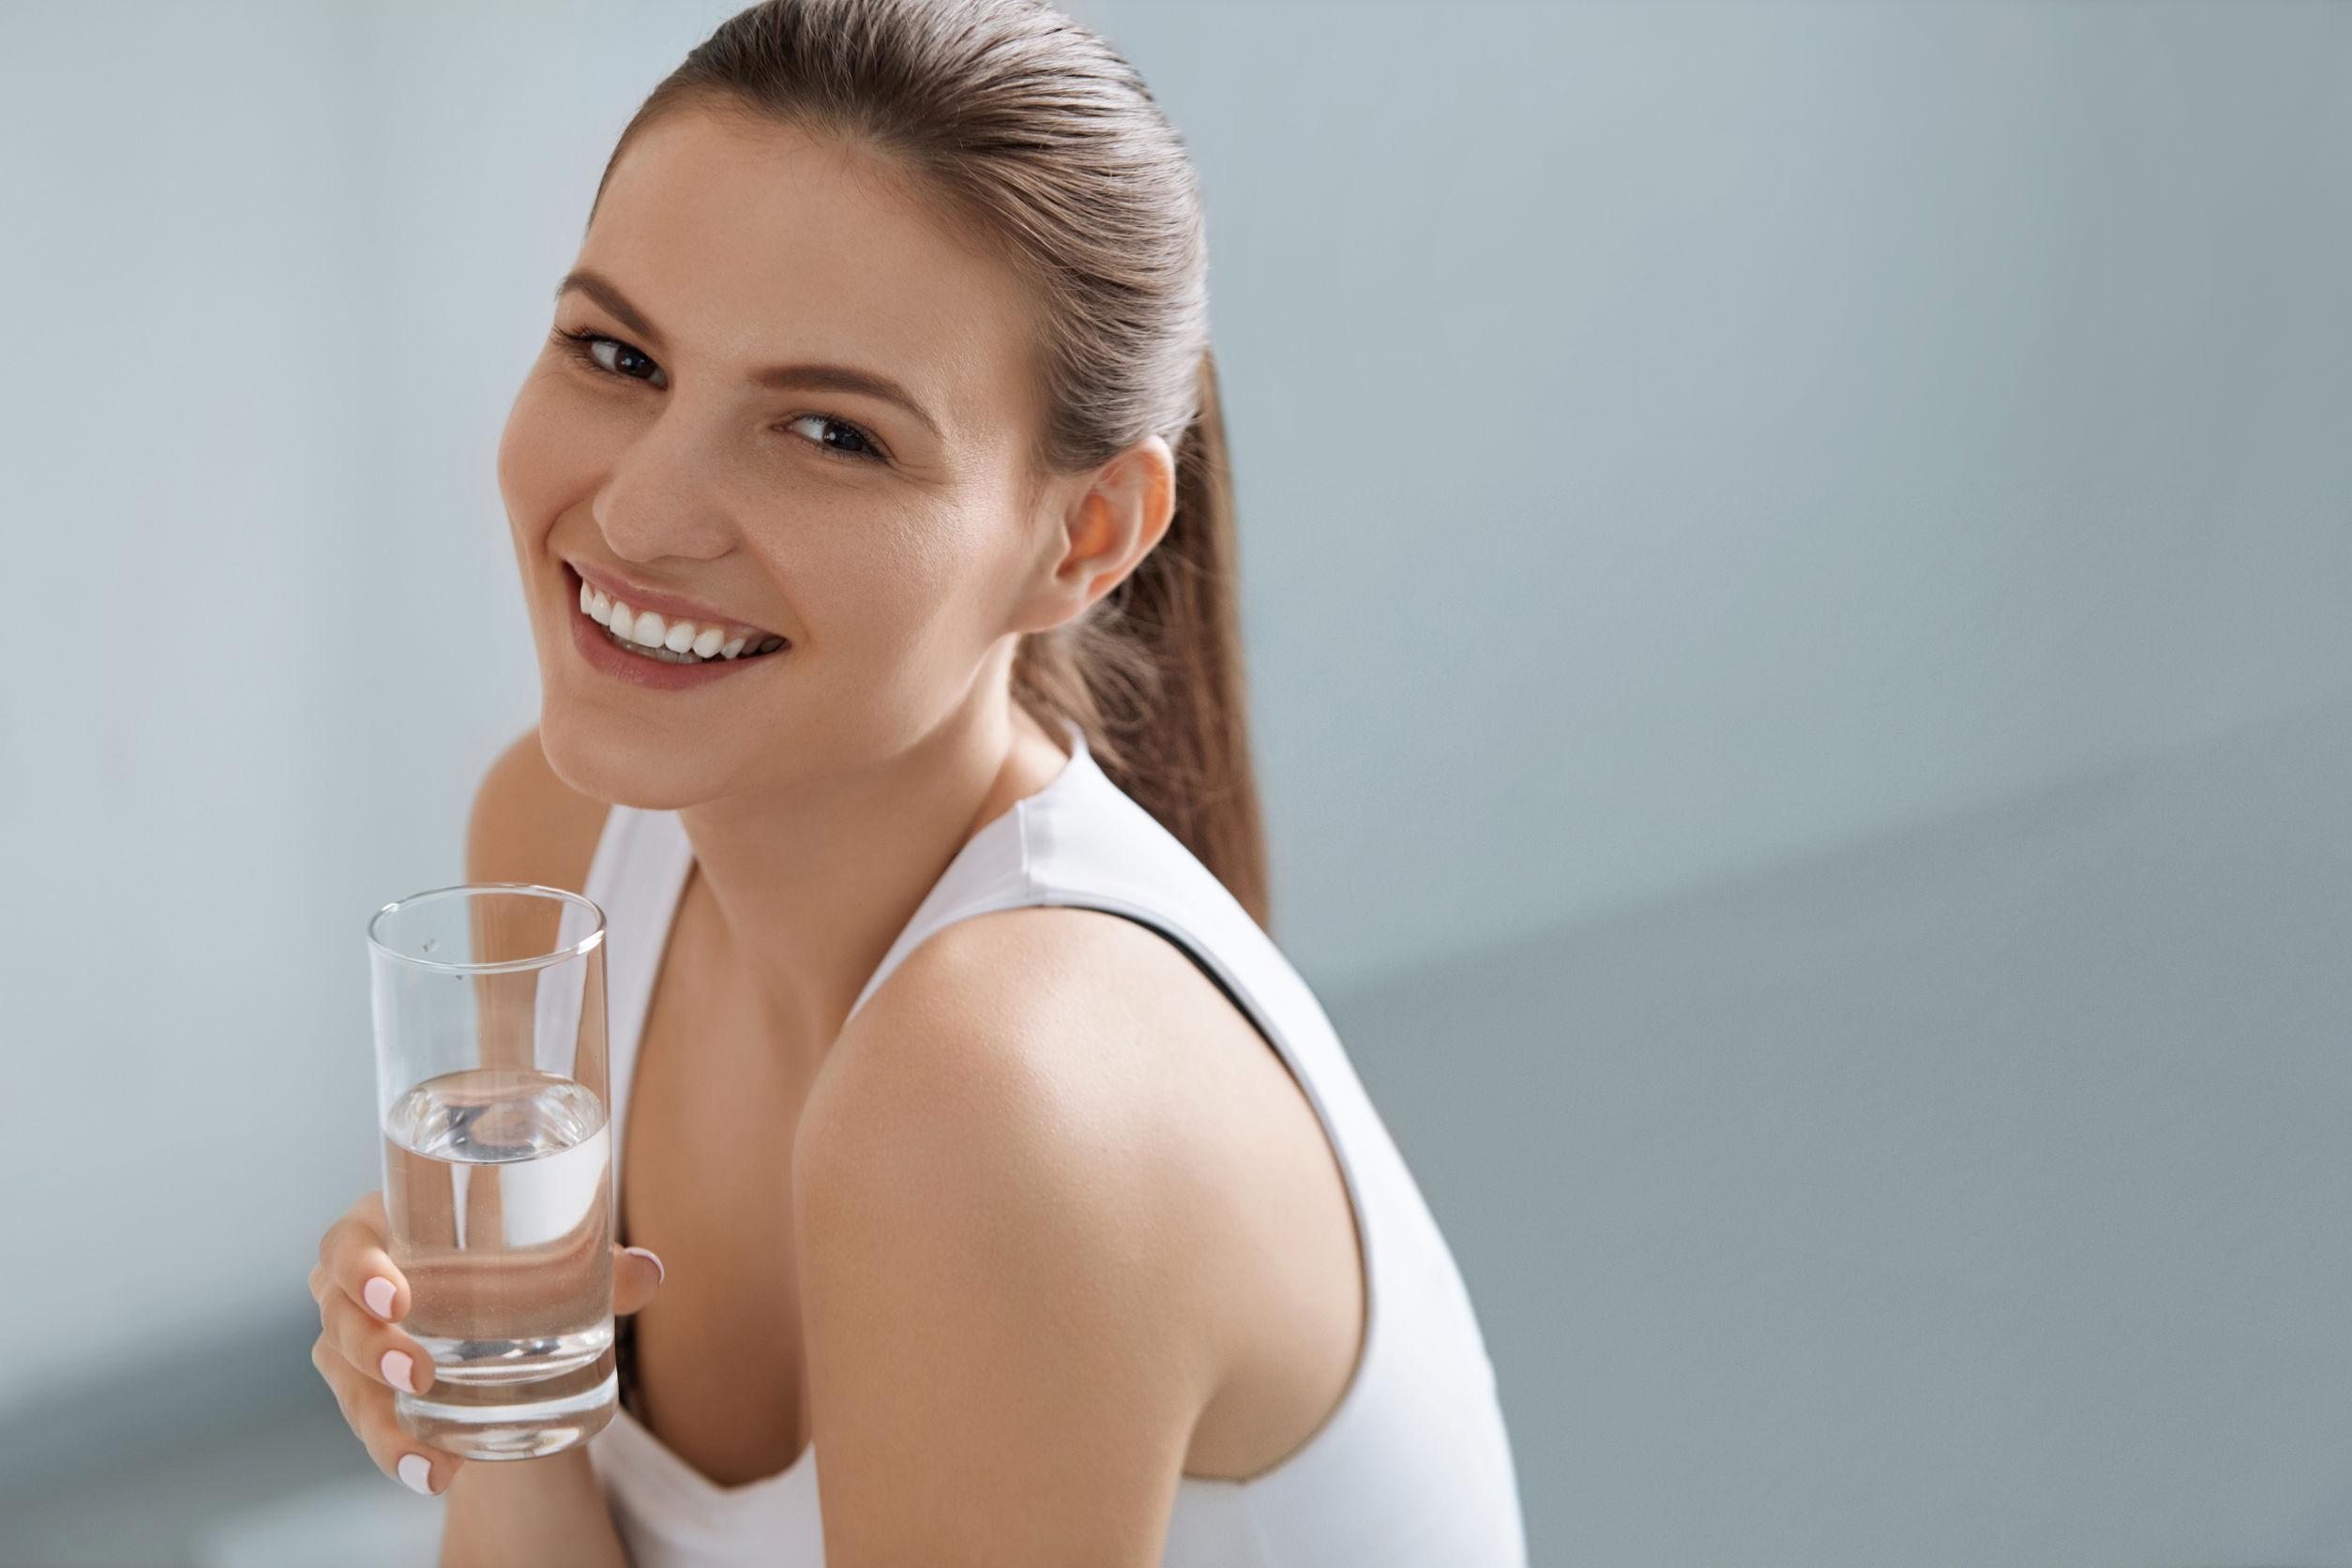 A fogyókúra mellőzött csodafegyvere az ivóvíz